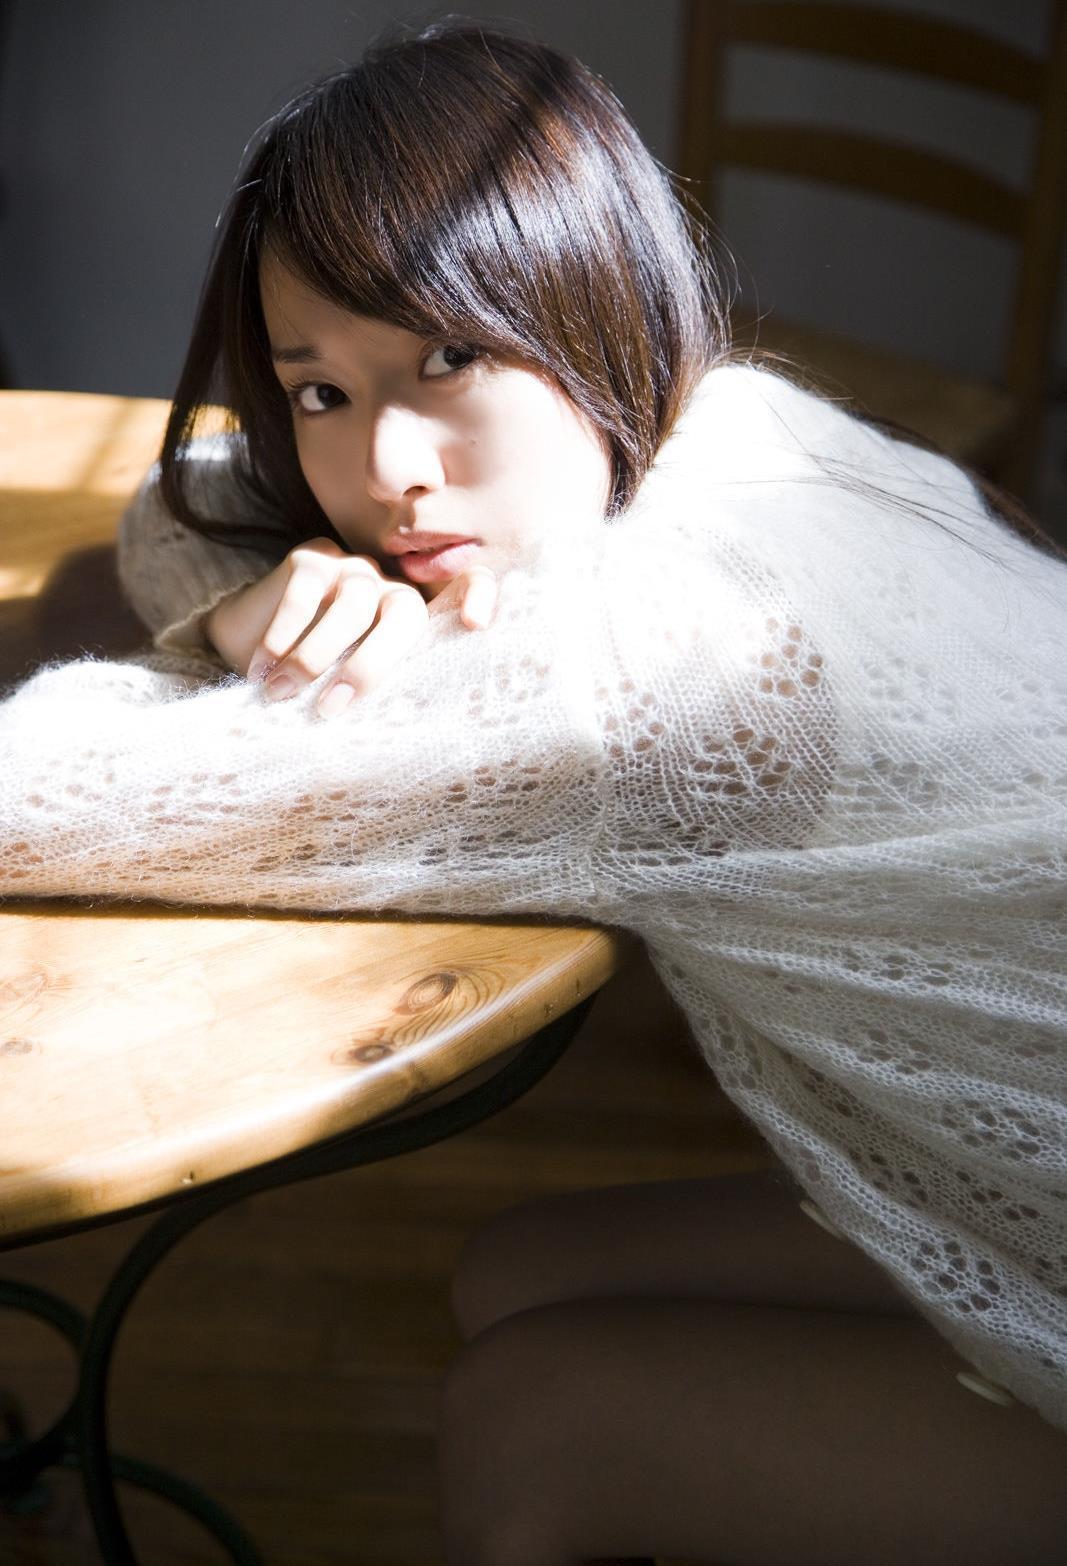 戸田恵梨香 エロ画像 12